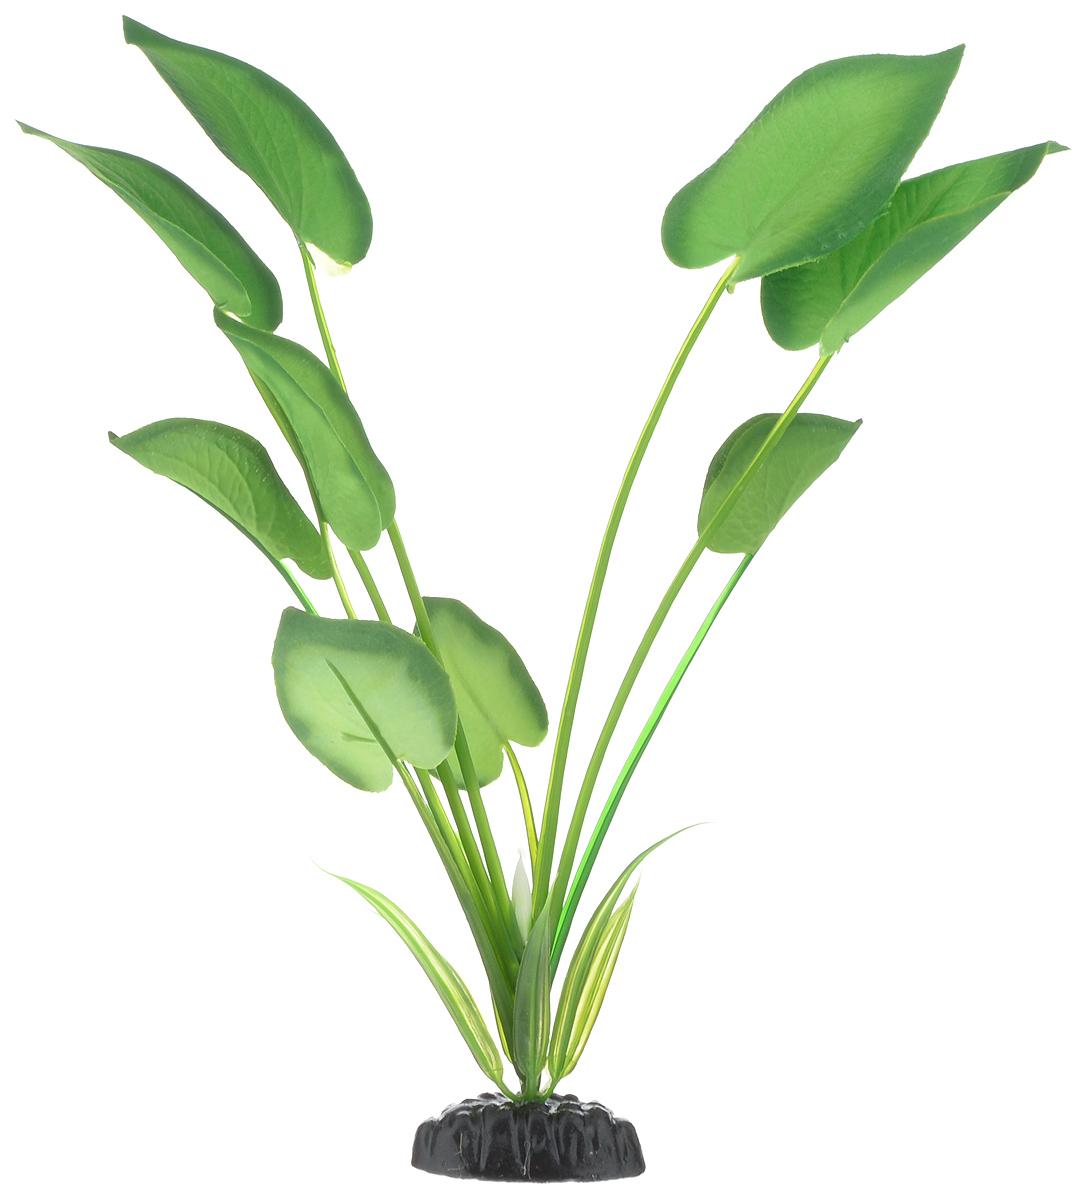 Растение для аквариума Barbus Эхинодорус, шелковое, высота 30 см. Plant 044/30FILTER 012Растение для аквариума Barbus Эхинодорус, выполненное из качественного шелка, станет прекрасным украшением вашего аквариума. Шелковое растение идеально подходит для дизайна всех видов аквариумов. В воде происходит абсолютная имитация живых растений. Изделие не требует дополнительного ухода и просто в применении. Растение абсолютно безопасно, нейтрально к водному балансу, устойчиво к истиранию краски, подходит как для пресноводного, так и для морского аквариума. Растение для аквариума Barbus поможет вам смоделировать потрясающий пейзаж на дне вашего аквариума или террариума. Высота растения: 30 см.